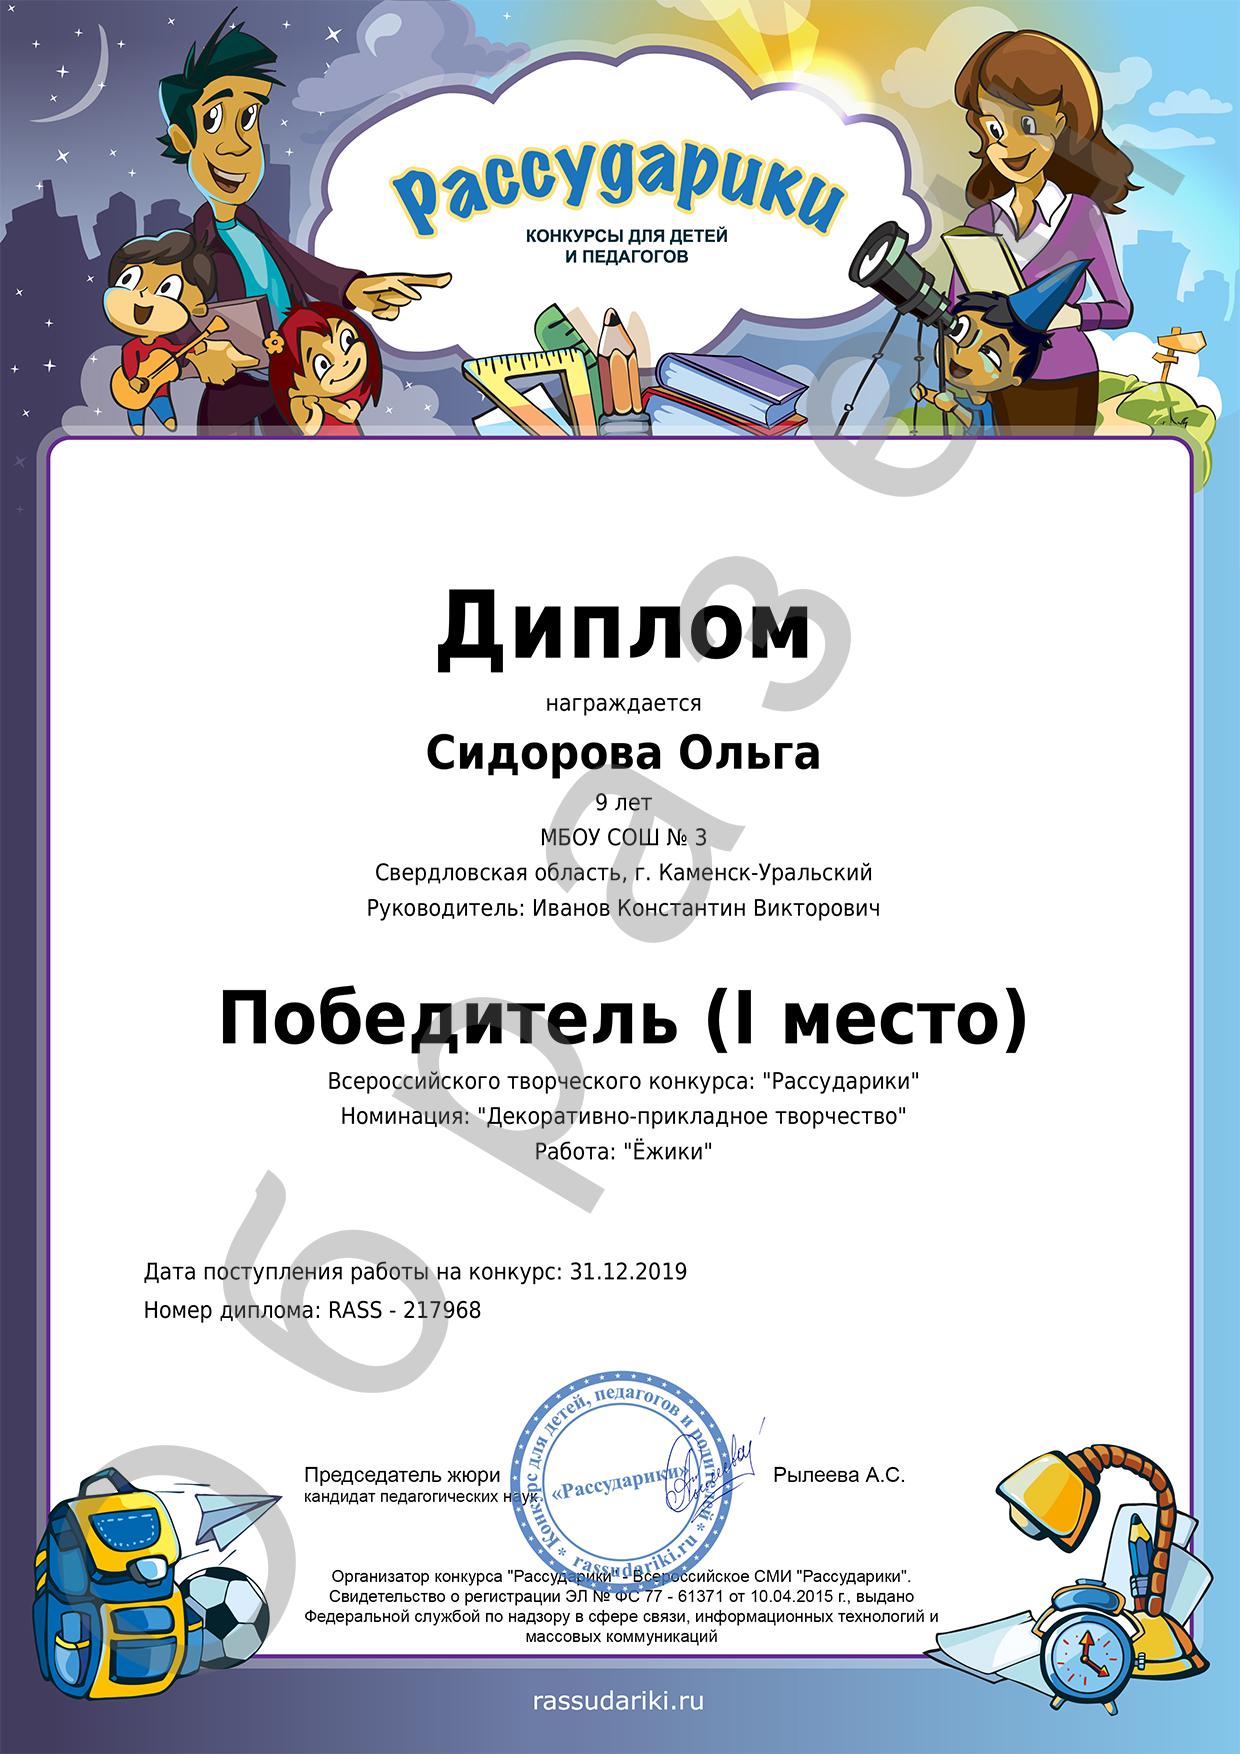 Дипломы Рассударики дистанционные конкурсы для детей  Дипломы Образец диплома для участника